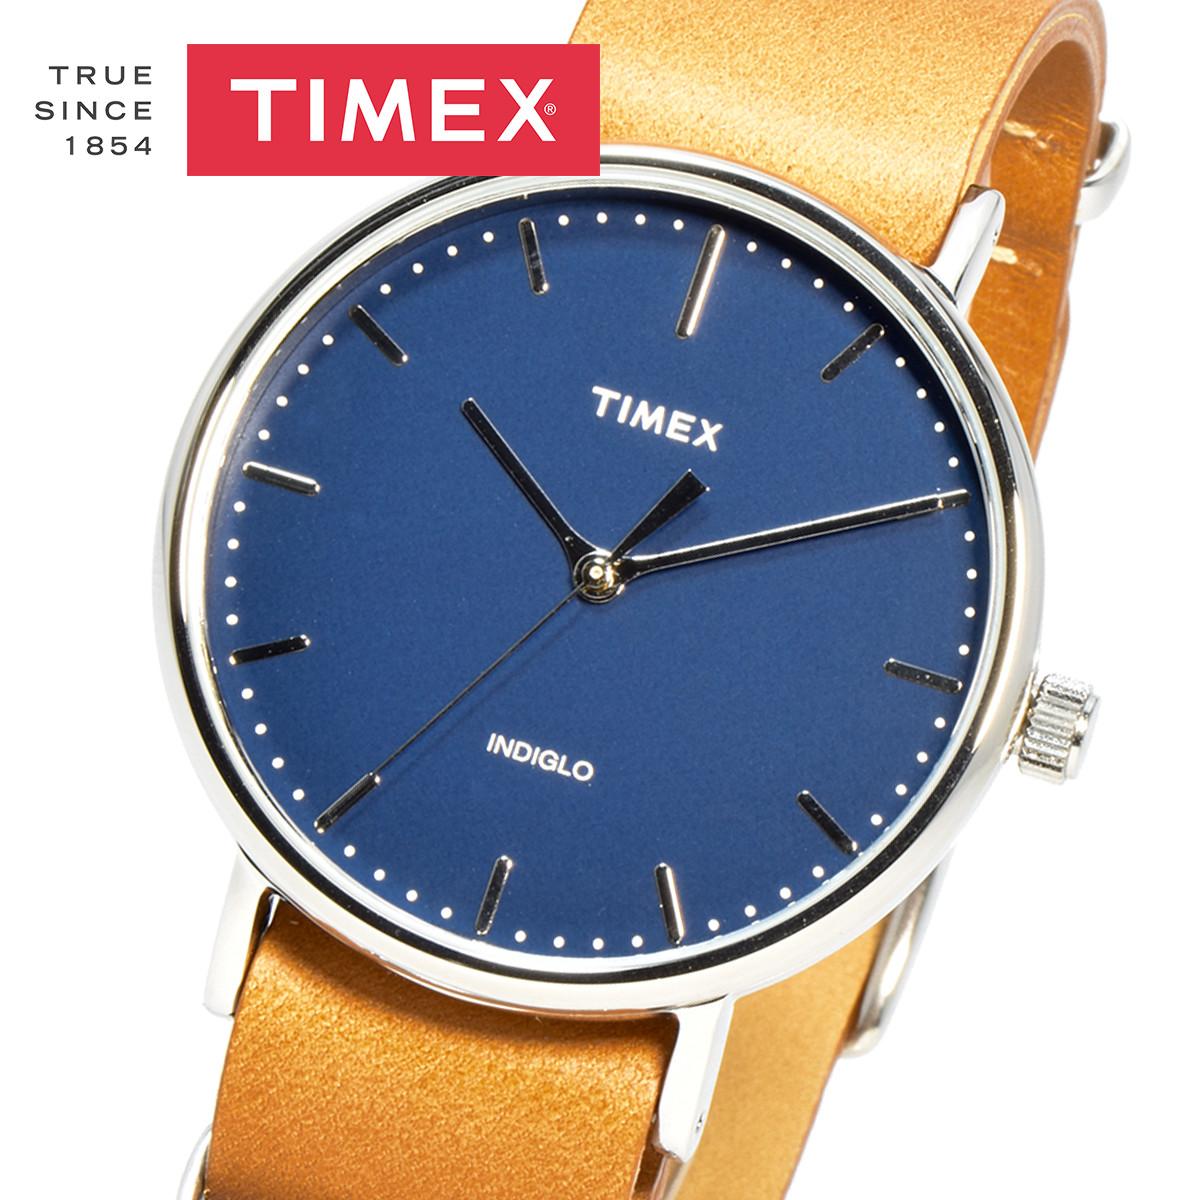 【全品送料無料】 TIMEX タイメックス TW2P97800 Weekender Fairfield ウィークエンダーフェアフィールド メンズ レディース ユニセックス 時計 腕時計 プレゼント 贈り物 ギフト 彼氏 カジュアル ミリタリー ペアウォッチ[あす楽]